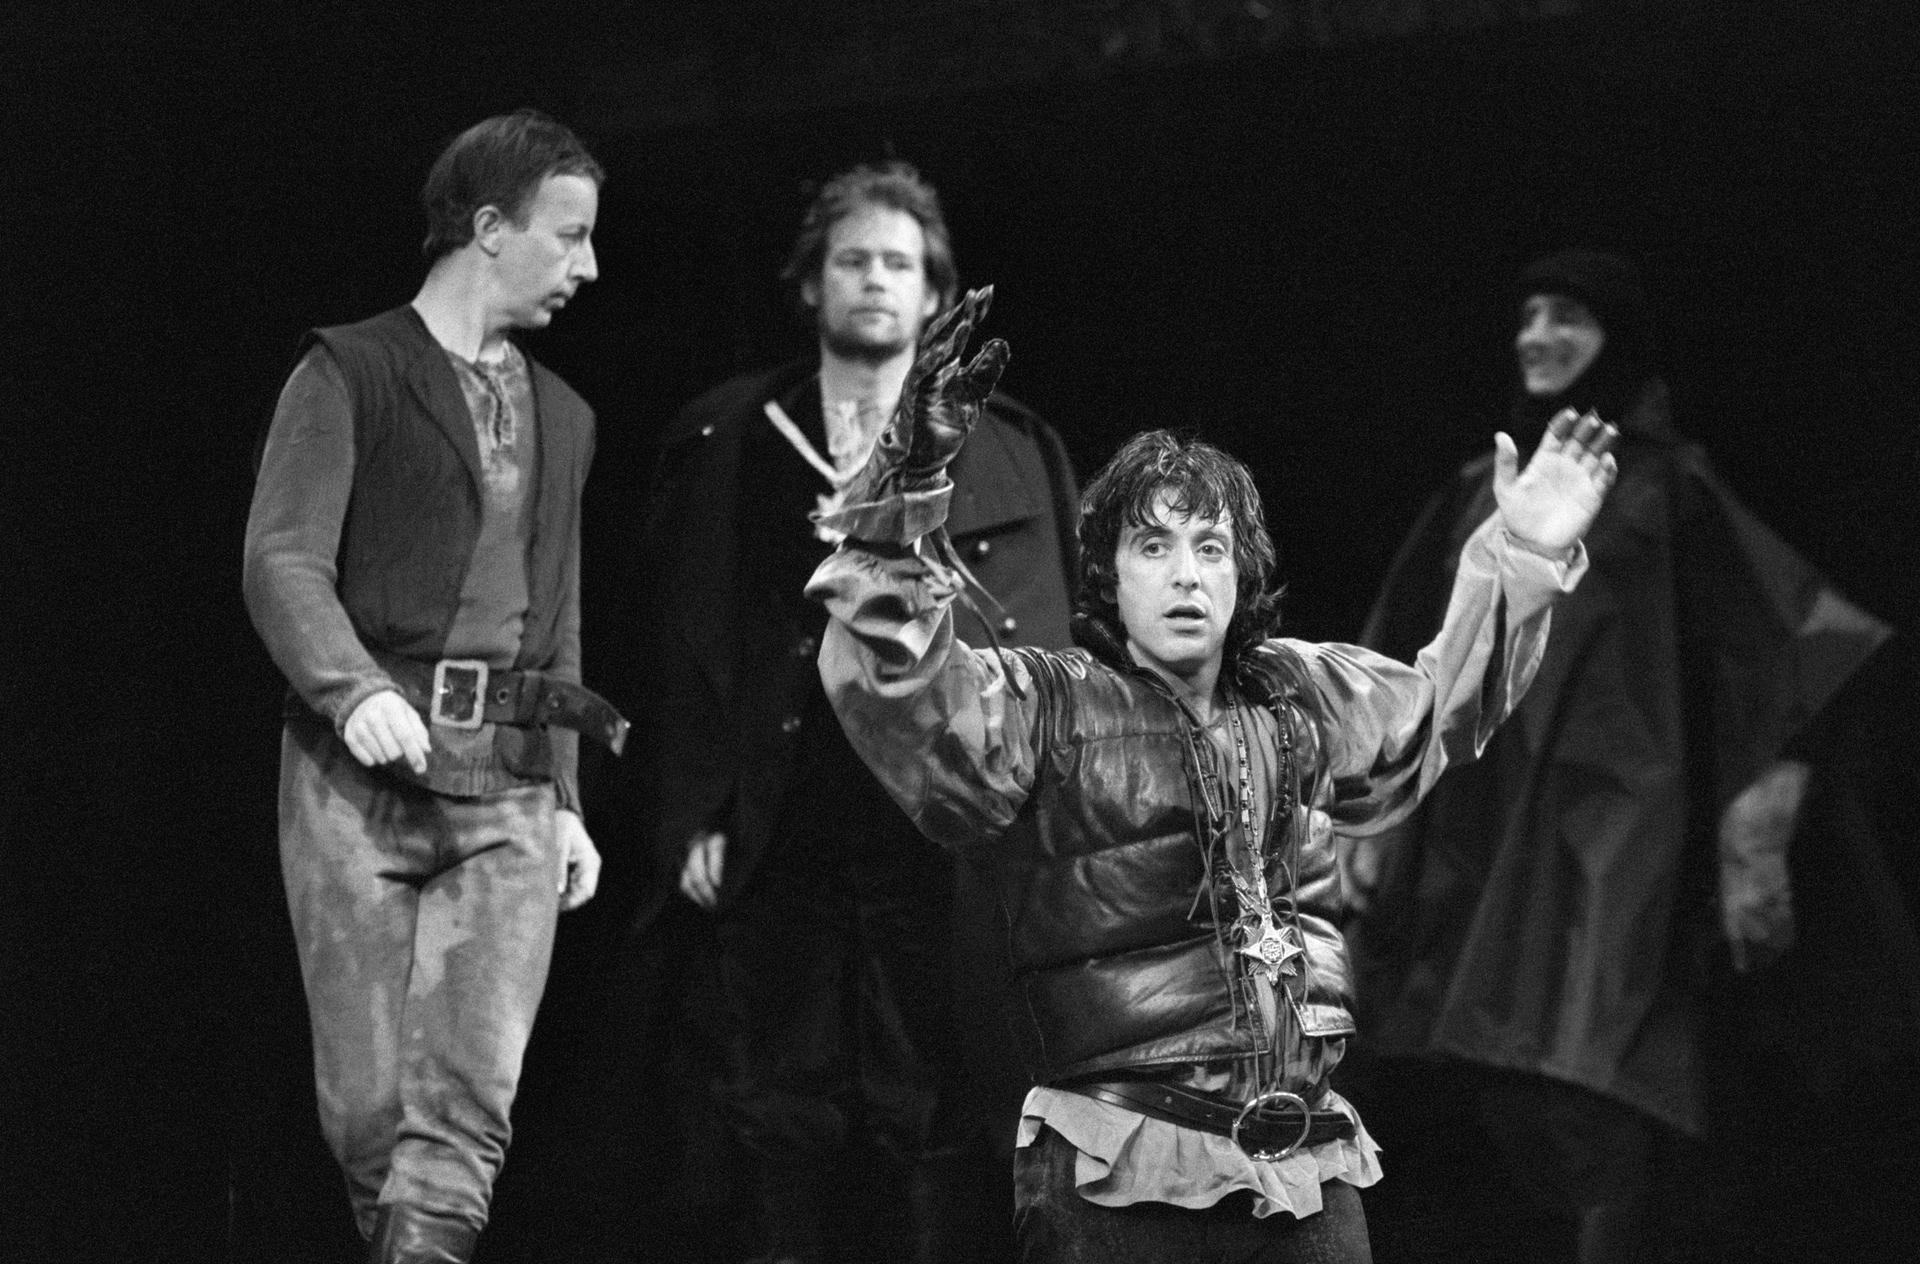 1979, Richard III